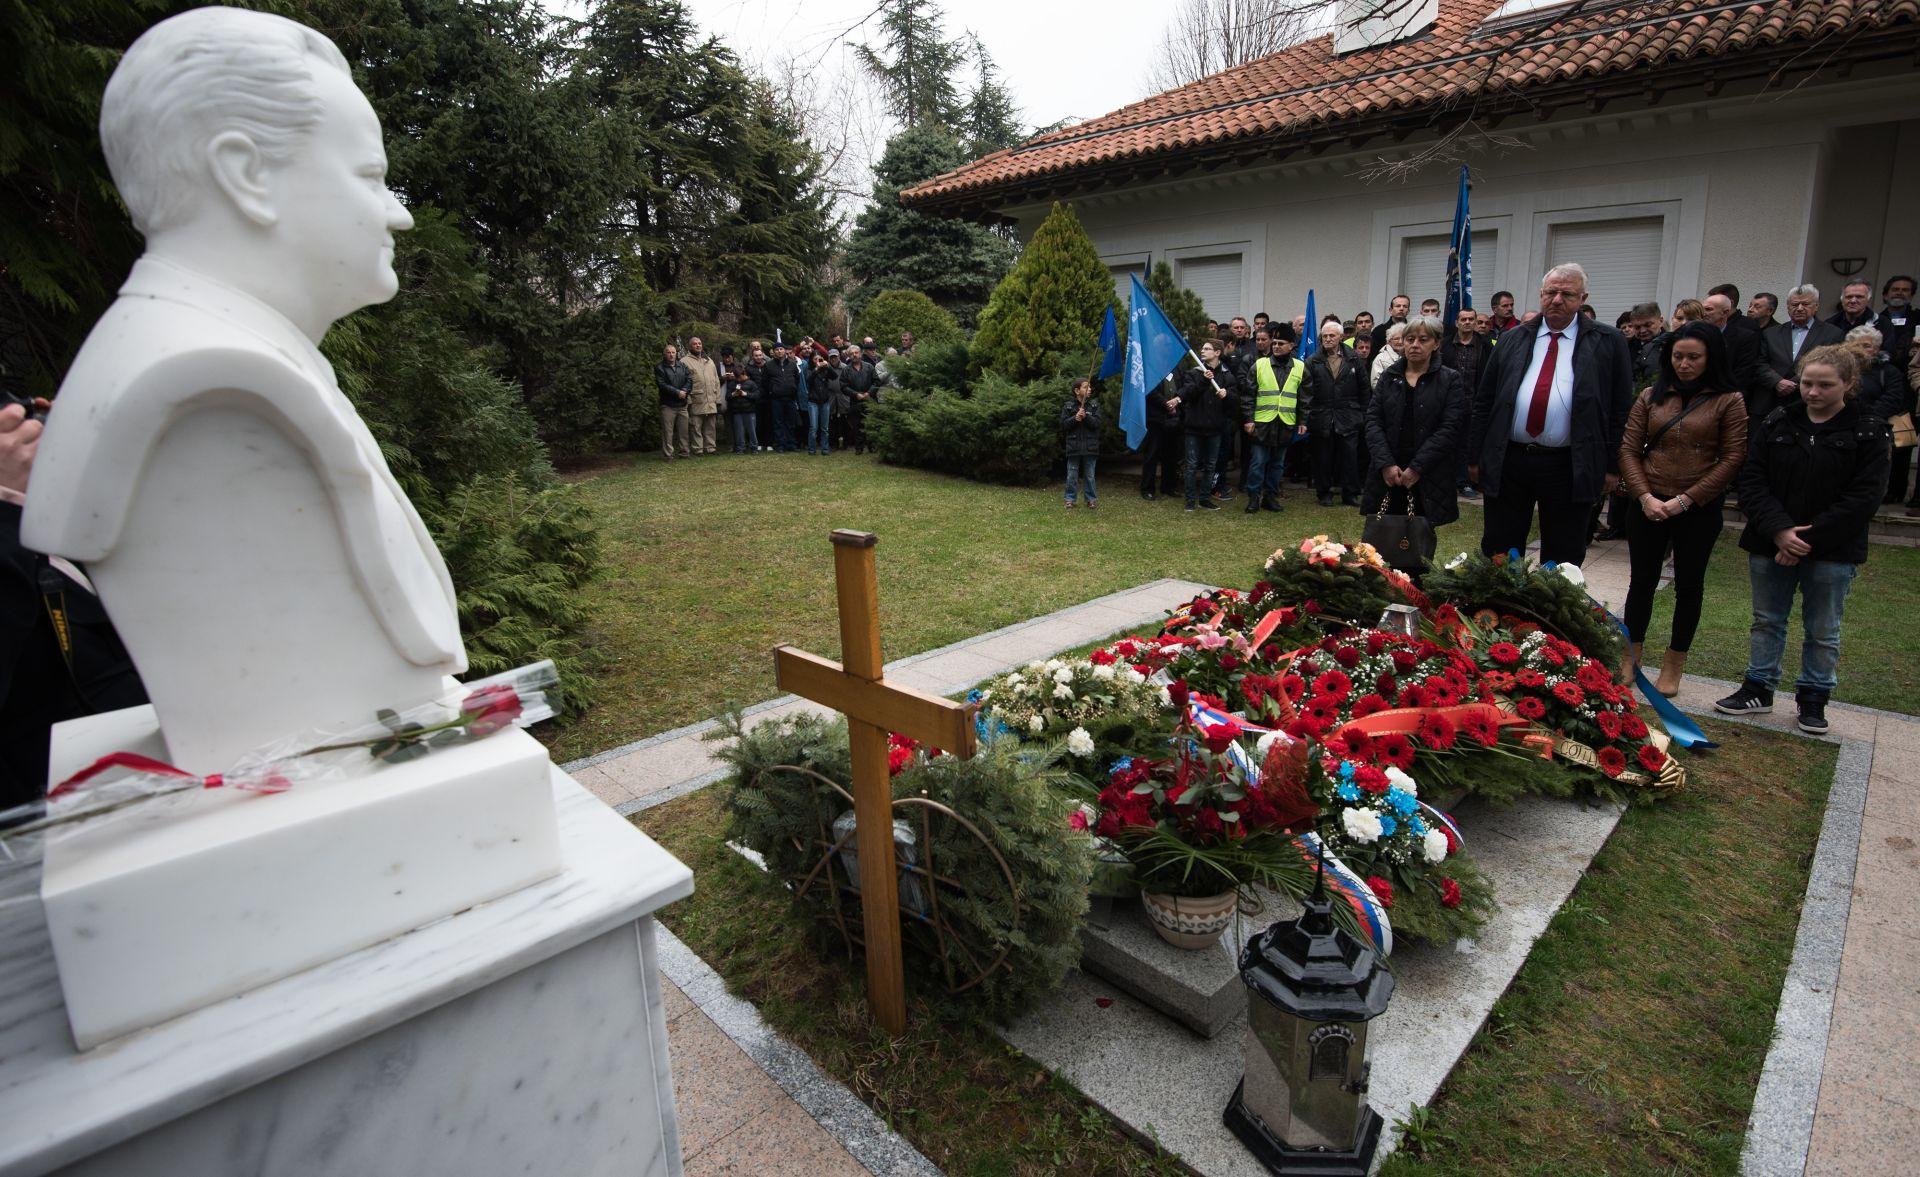 Sljedbenici odali počast Slobodanu Miloševiću